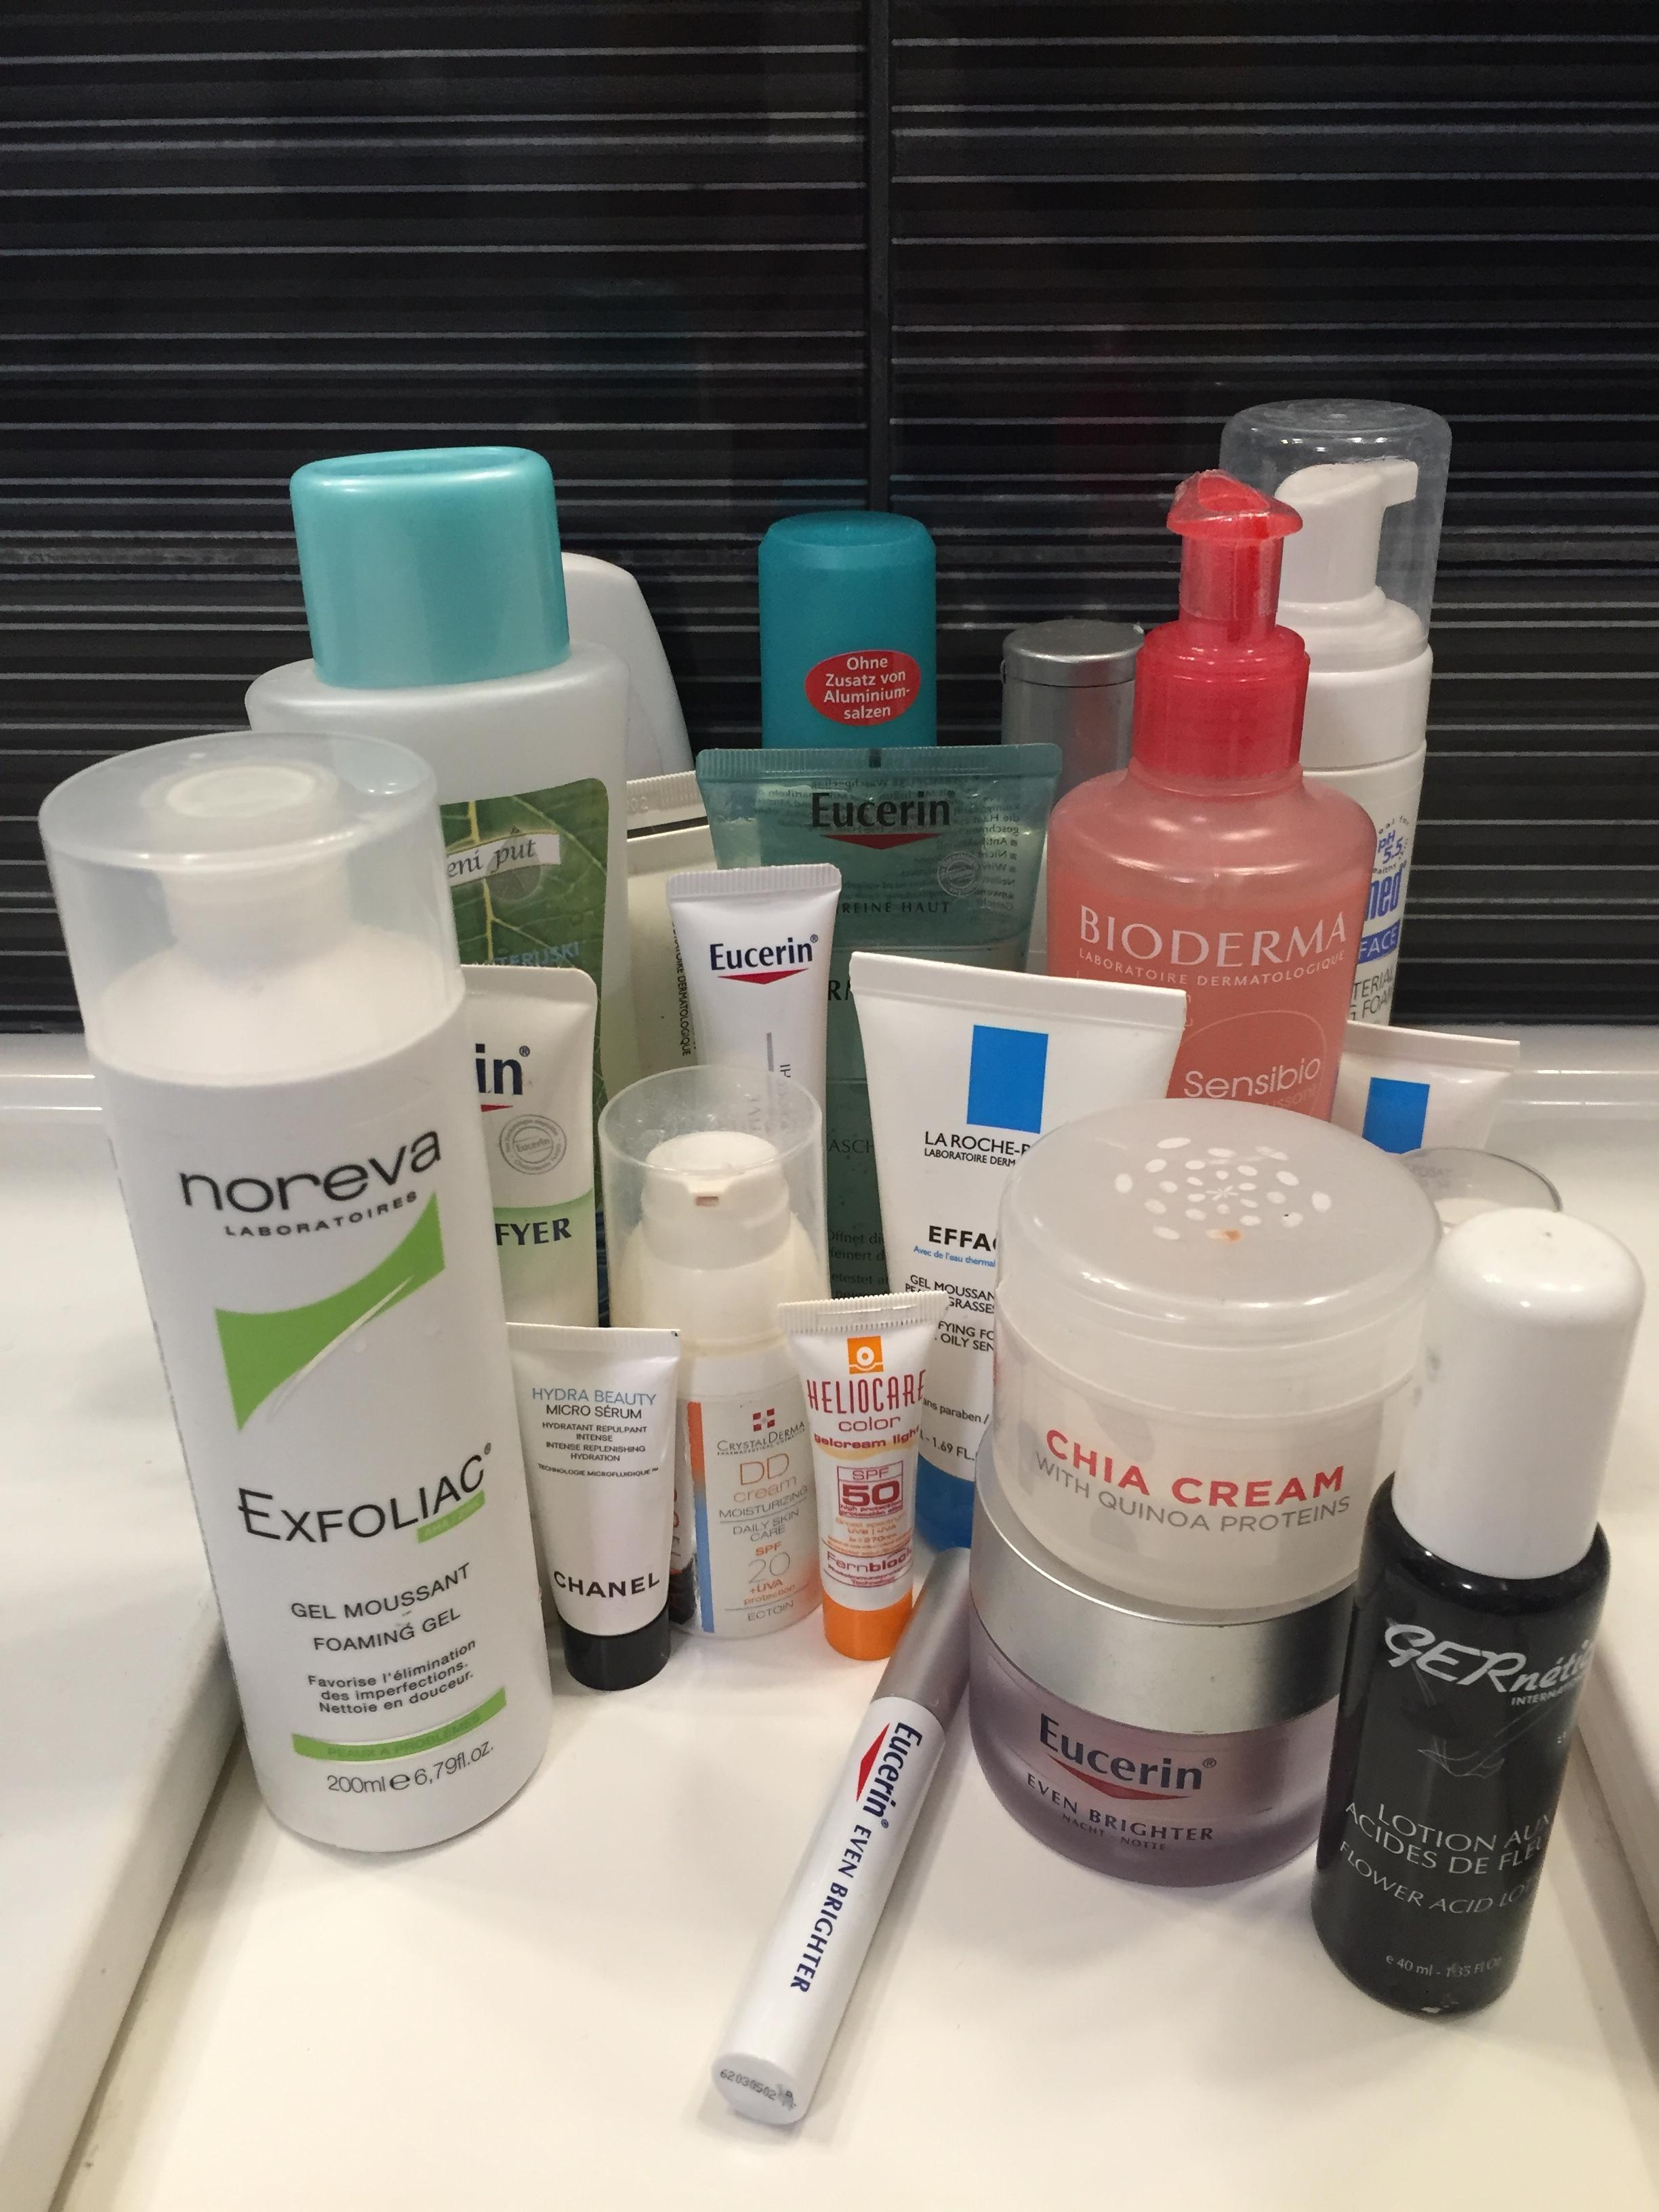 Koliko je teško odabrati pravi proizvod za negu svoje kože - deo moje lične kozmetike